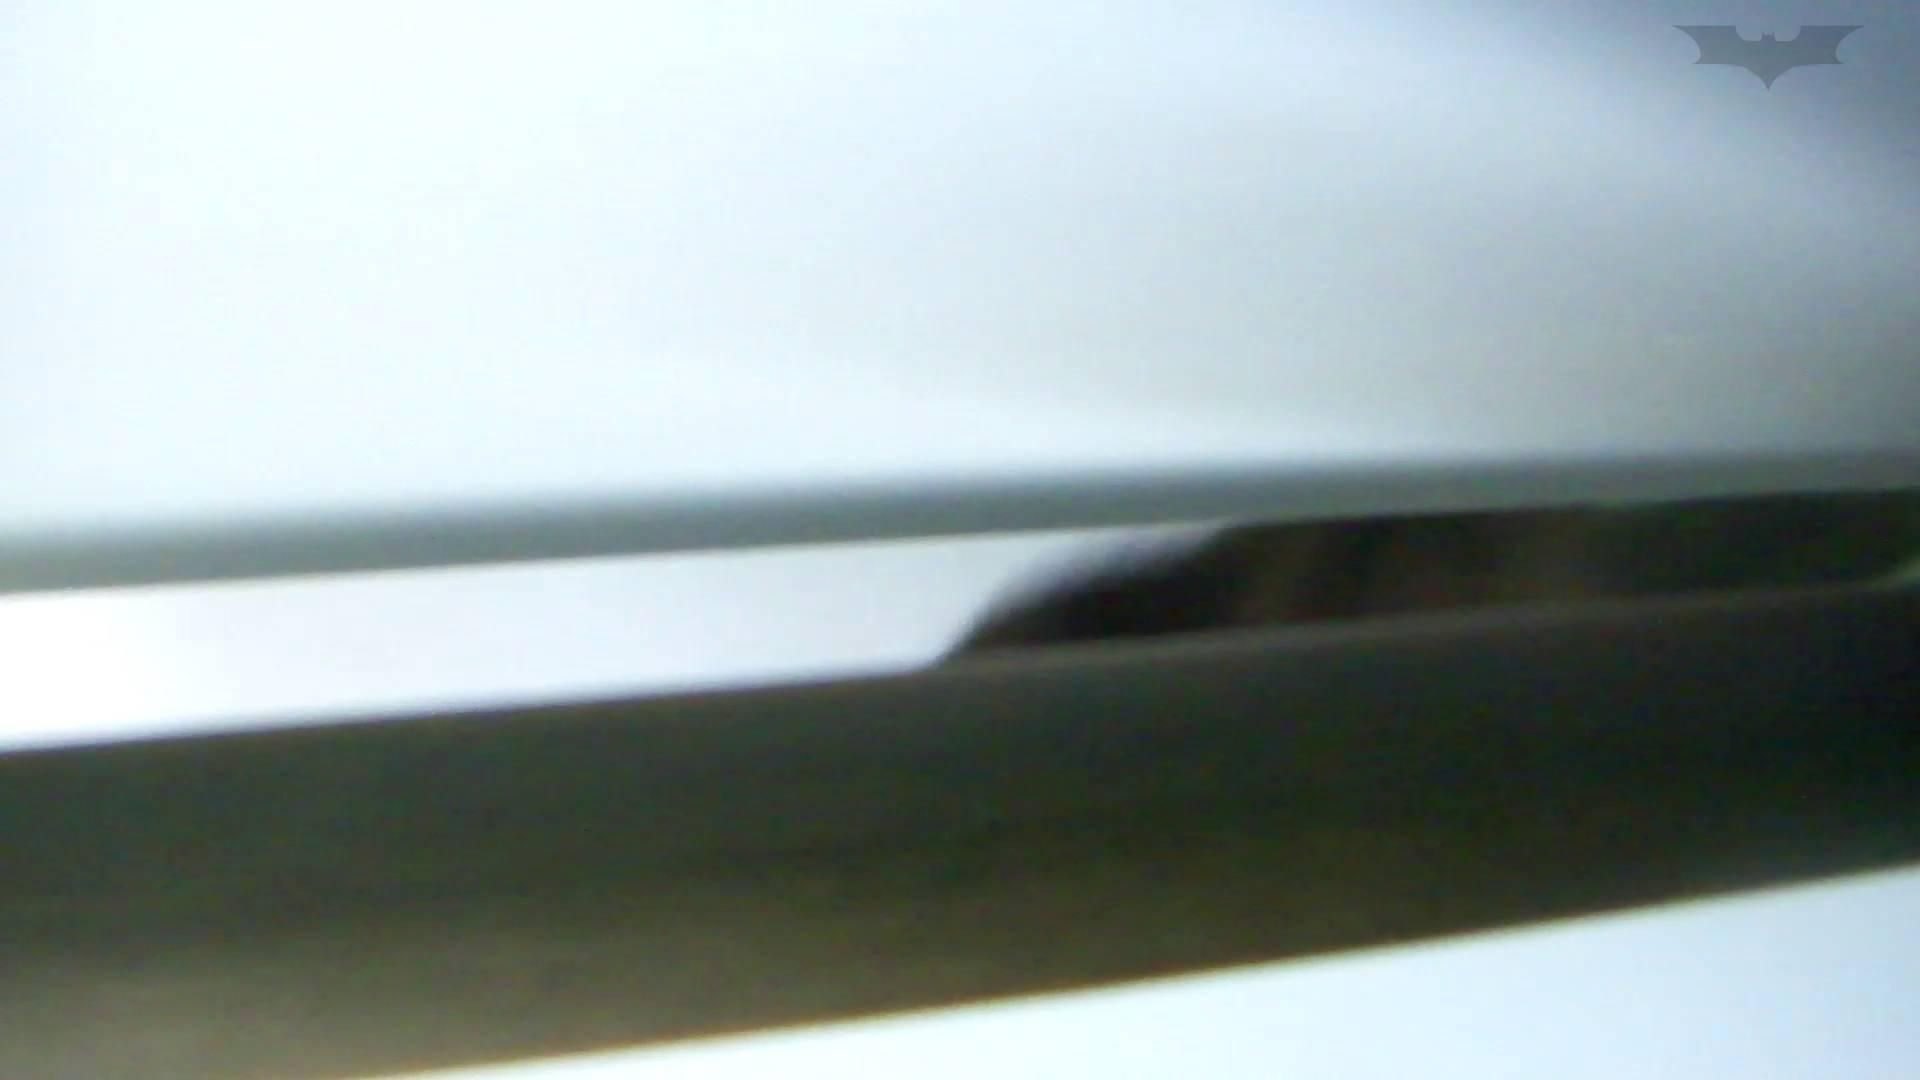 ギャルのツルピカ潜入盗撮!Vol.11 ギャルの実態 盗み撮りAV無料動画キャプチャ 72pic 25